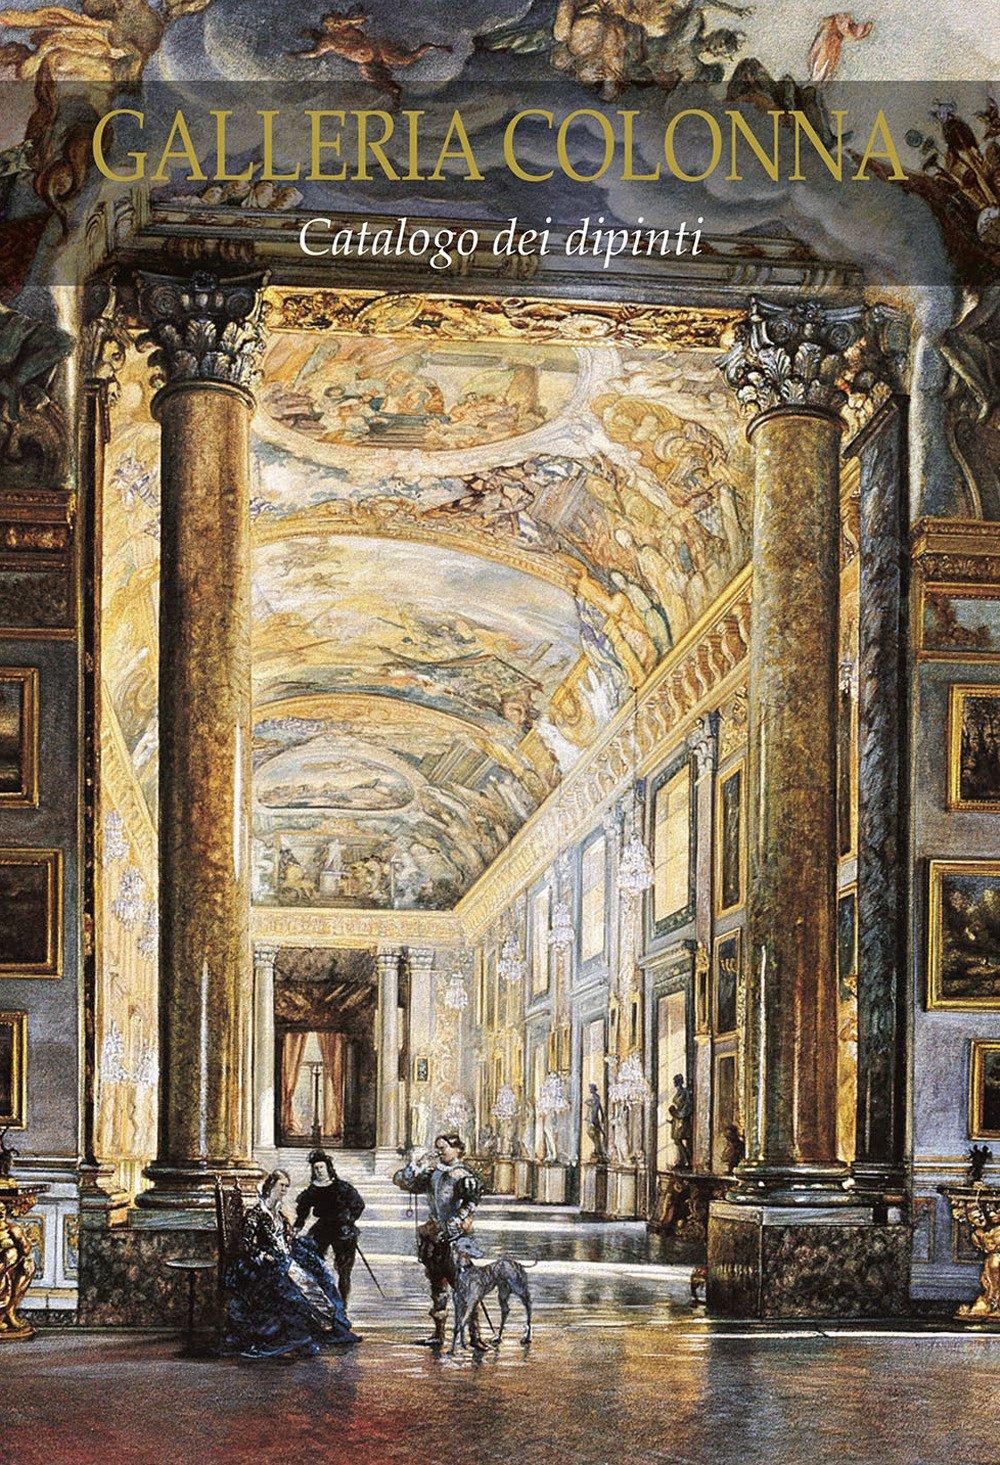 Galleria Colonna. Catalogo dei dipinti